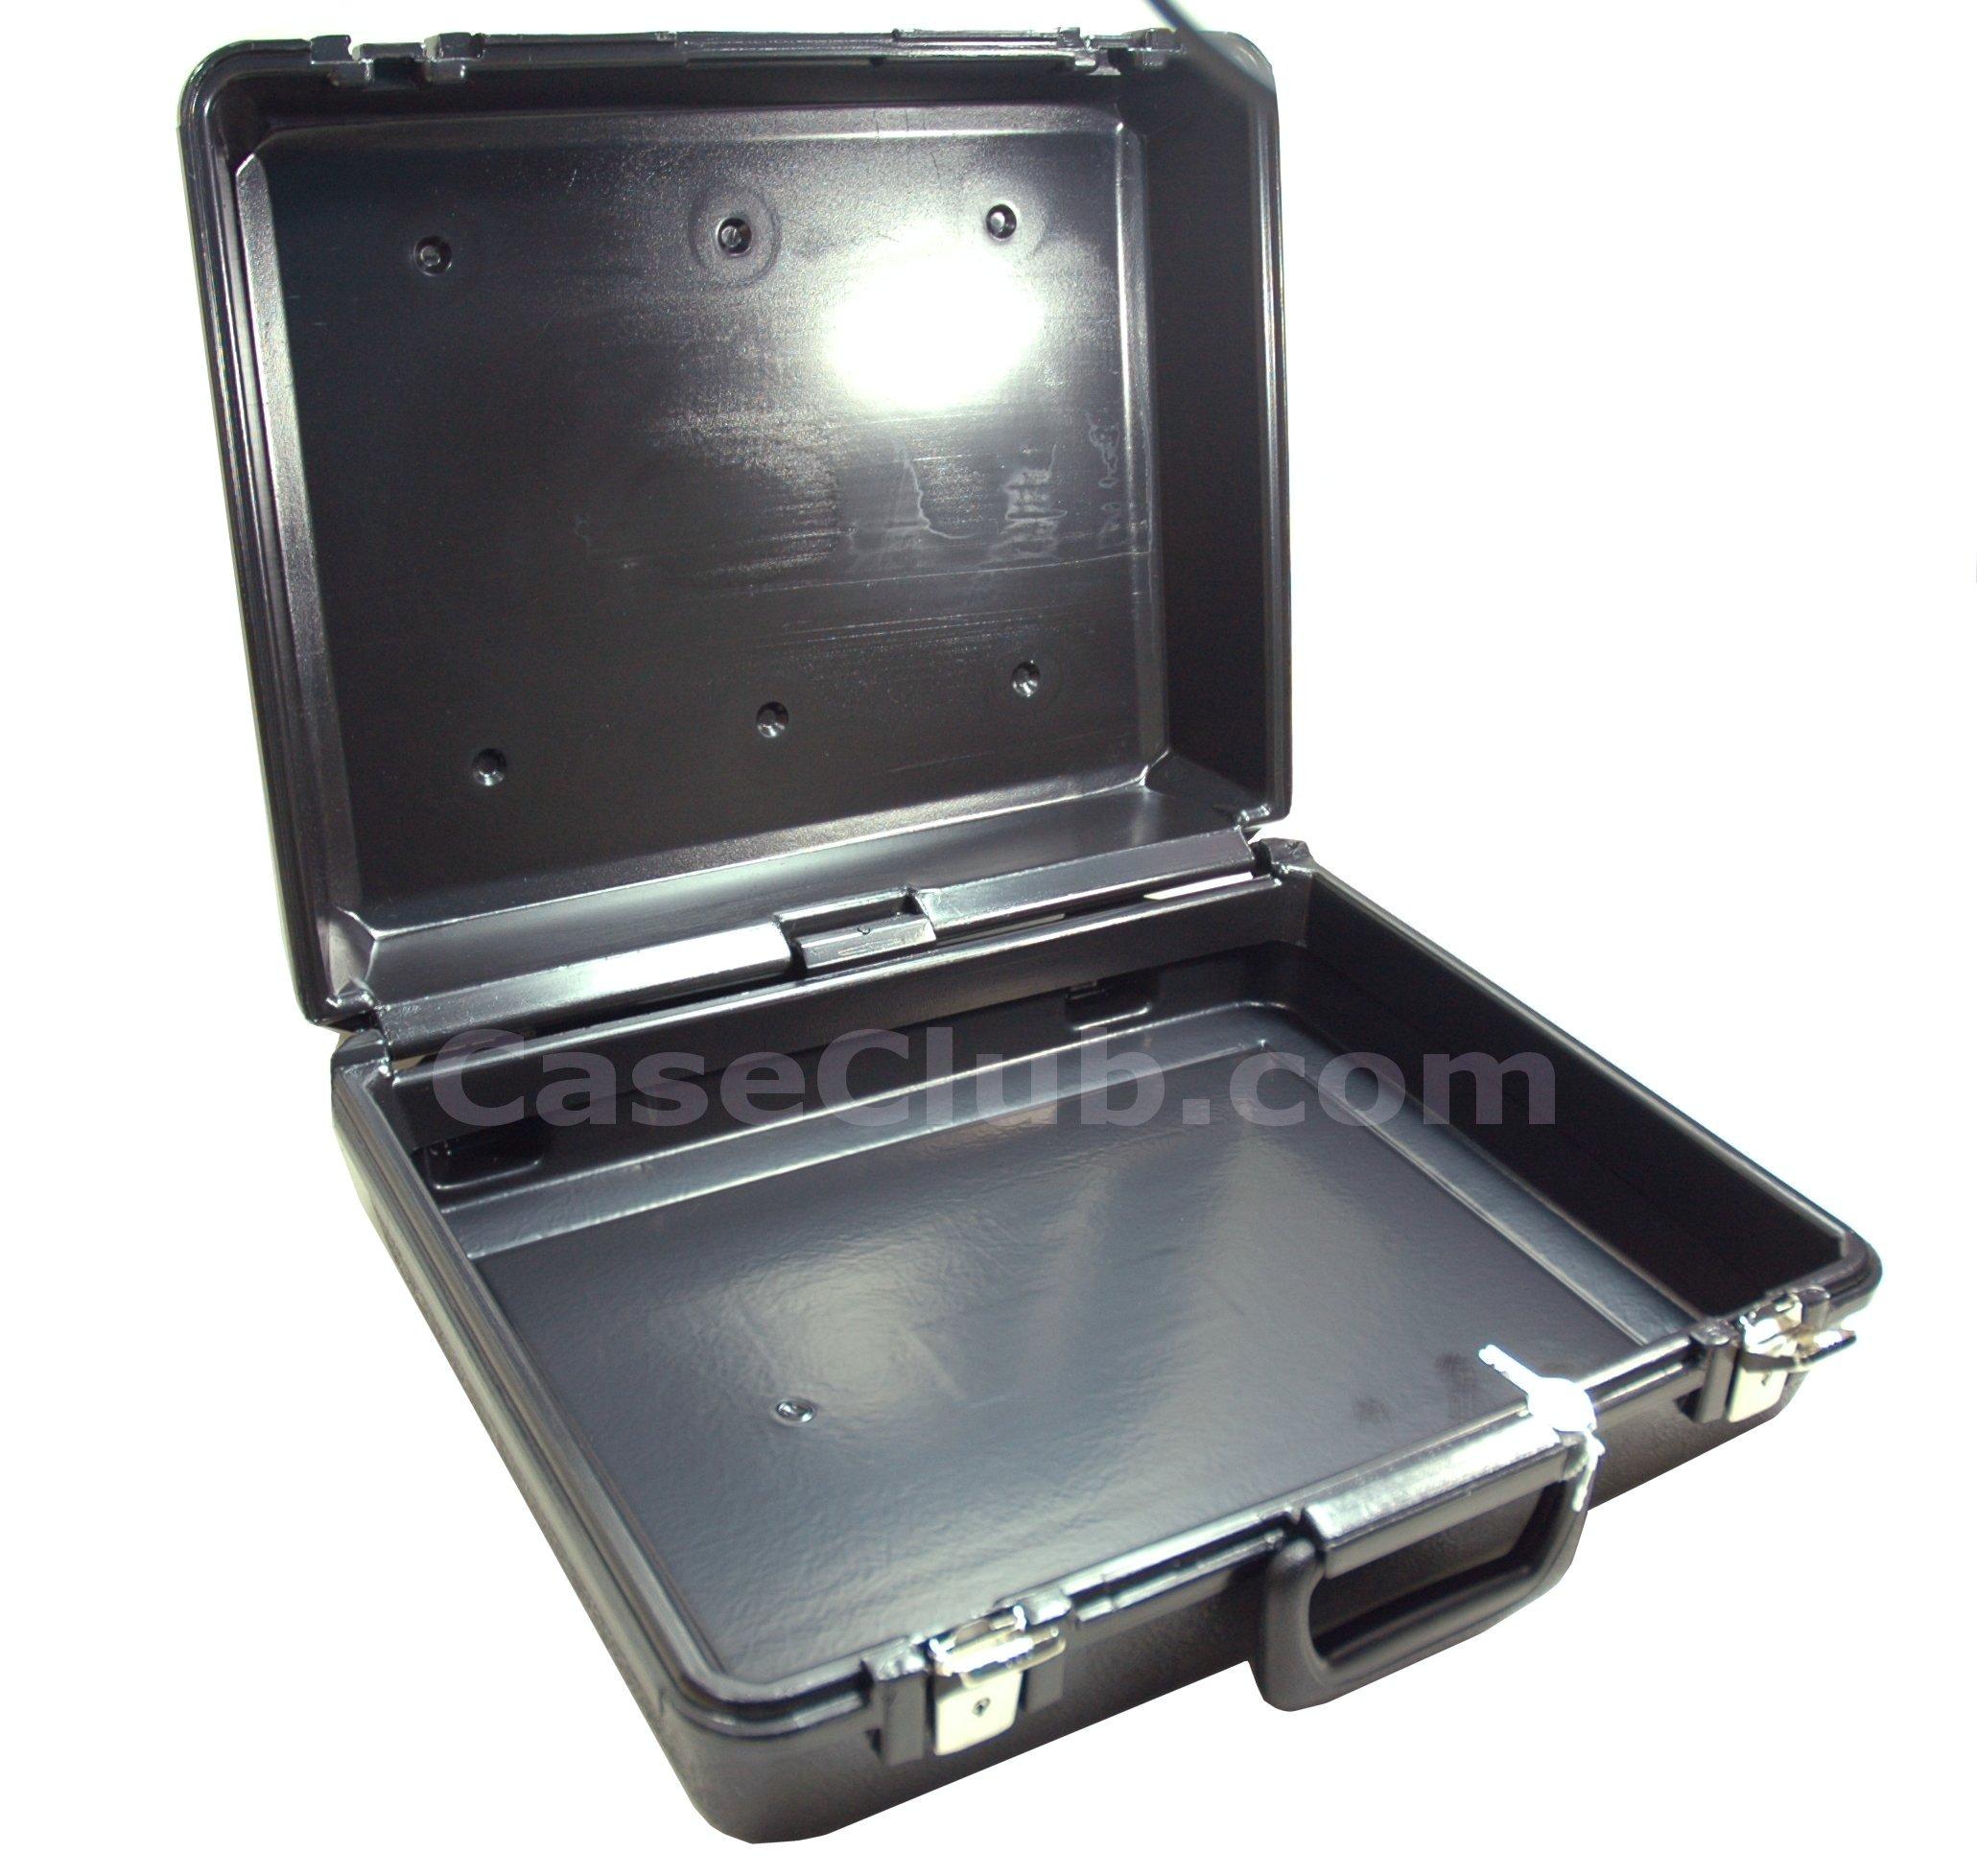 W19x15x6.0 Case